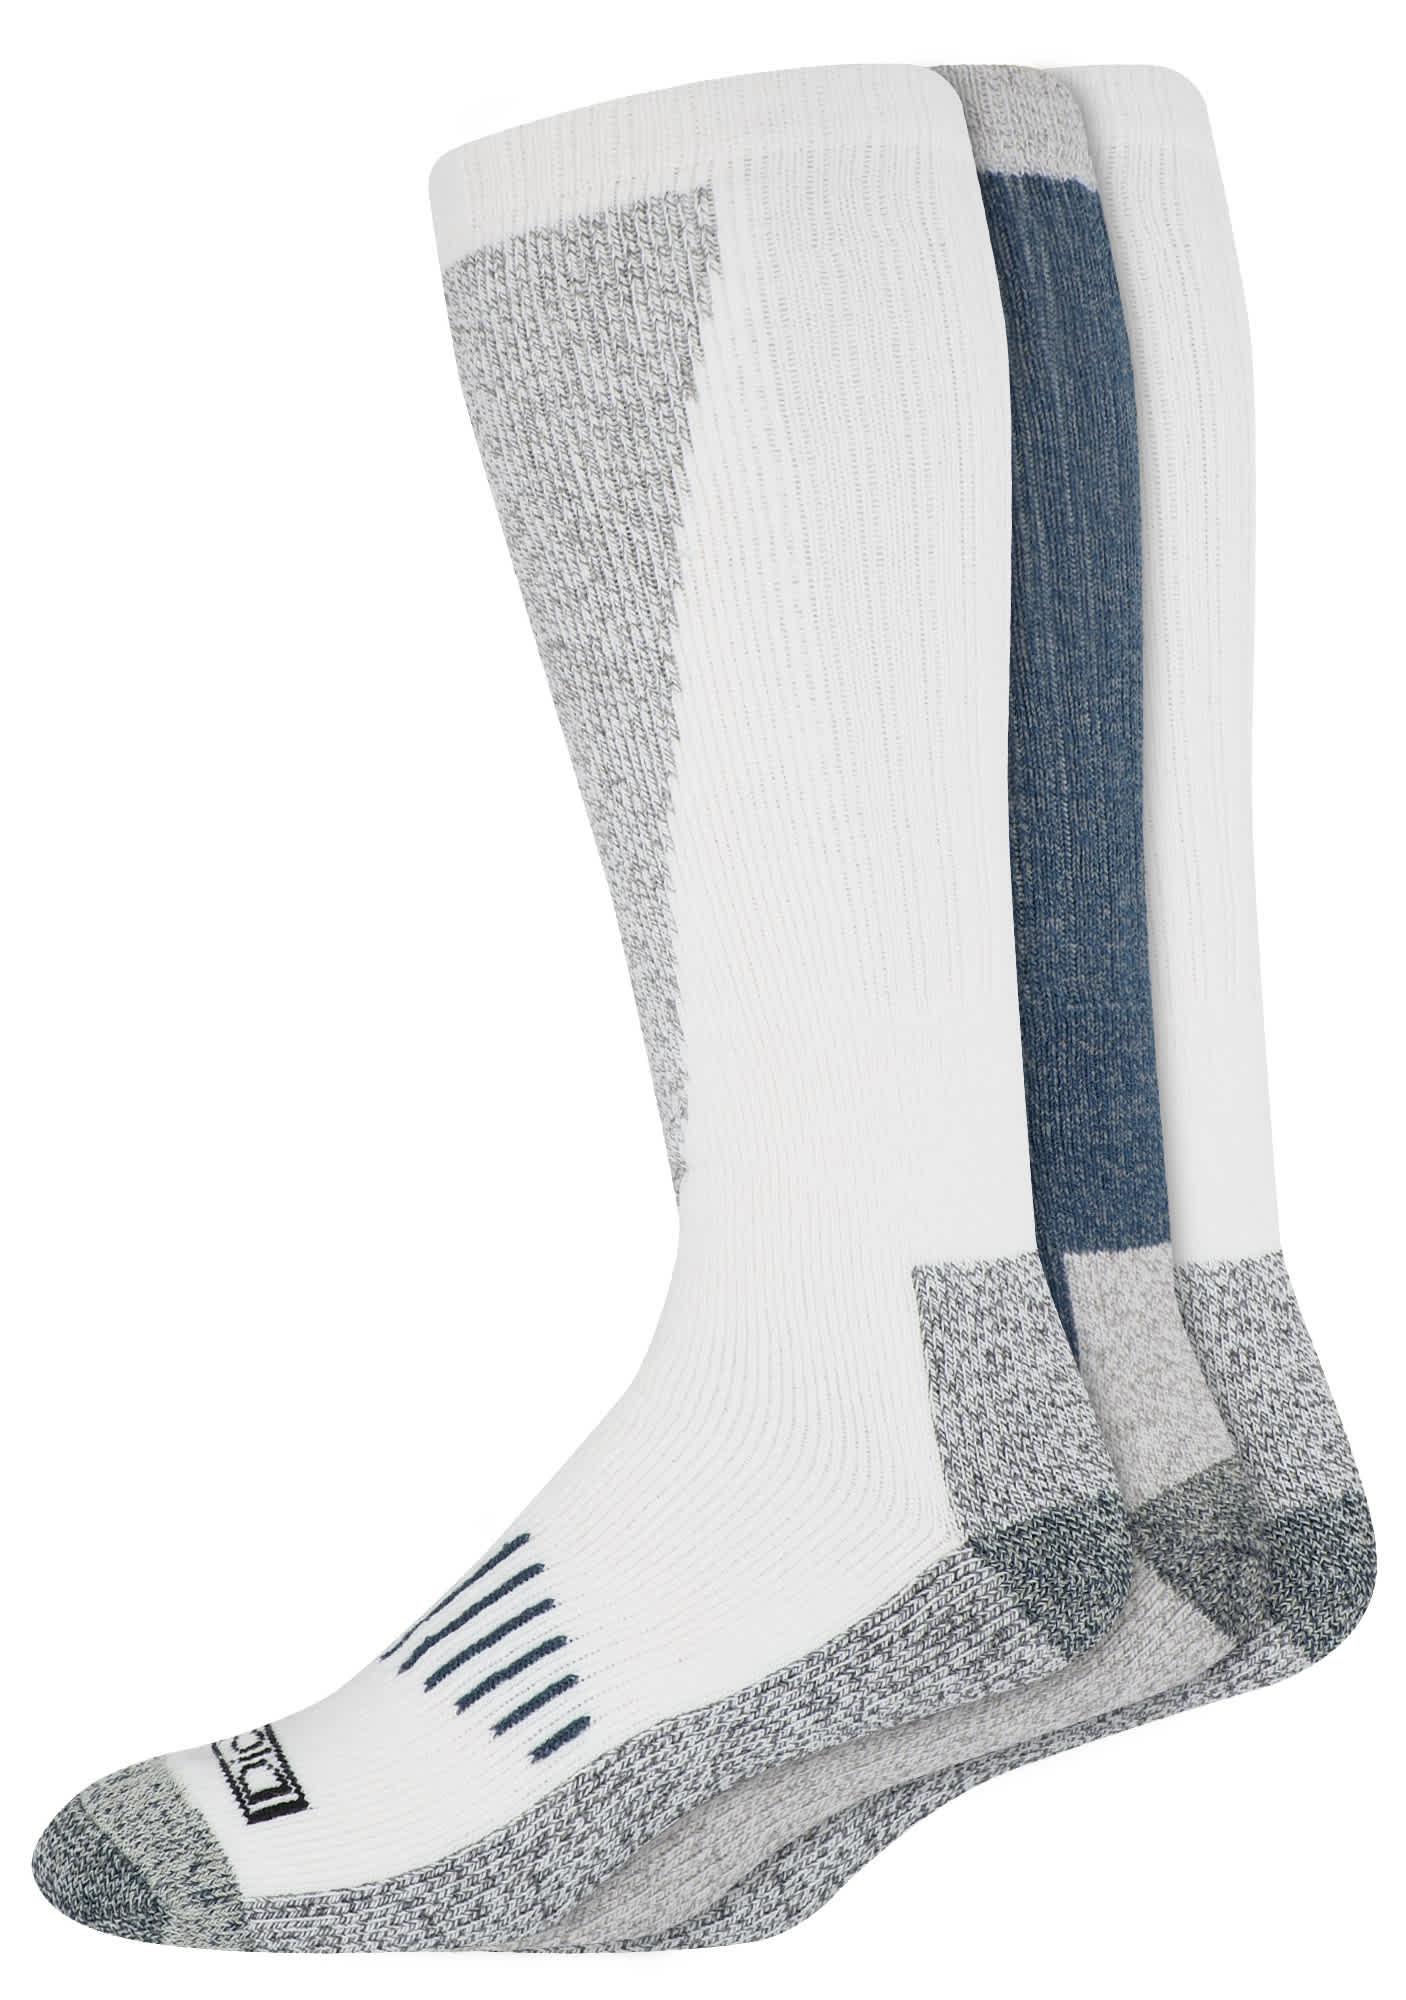 Dickies Shin Protector Crew Socks 3-Pack